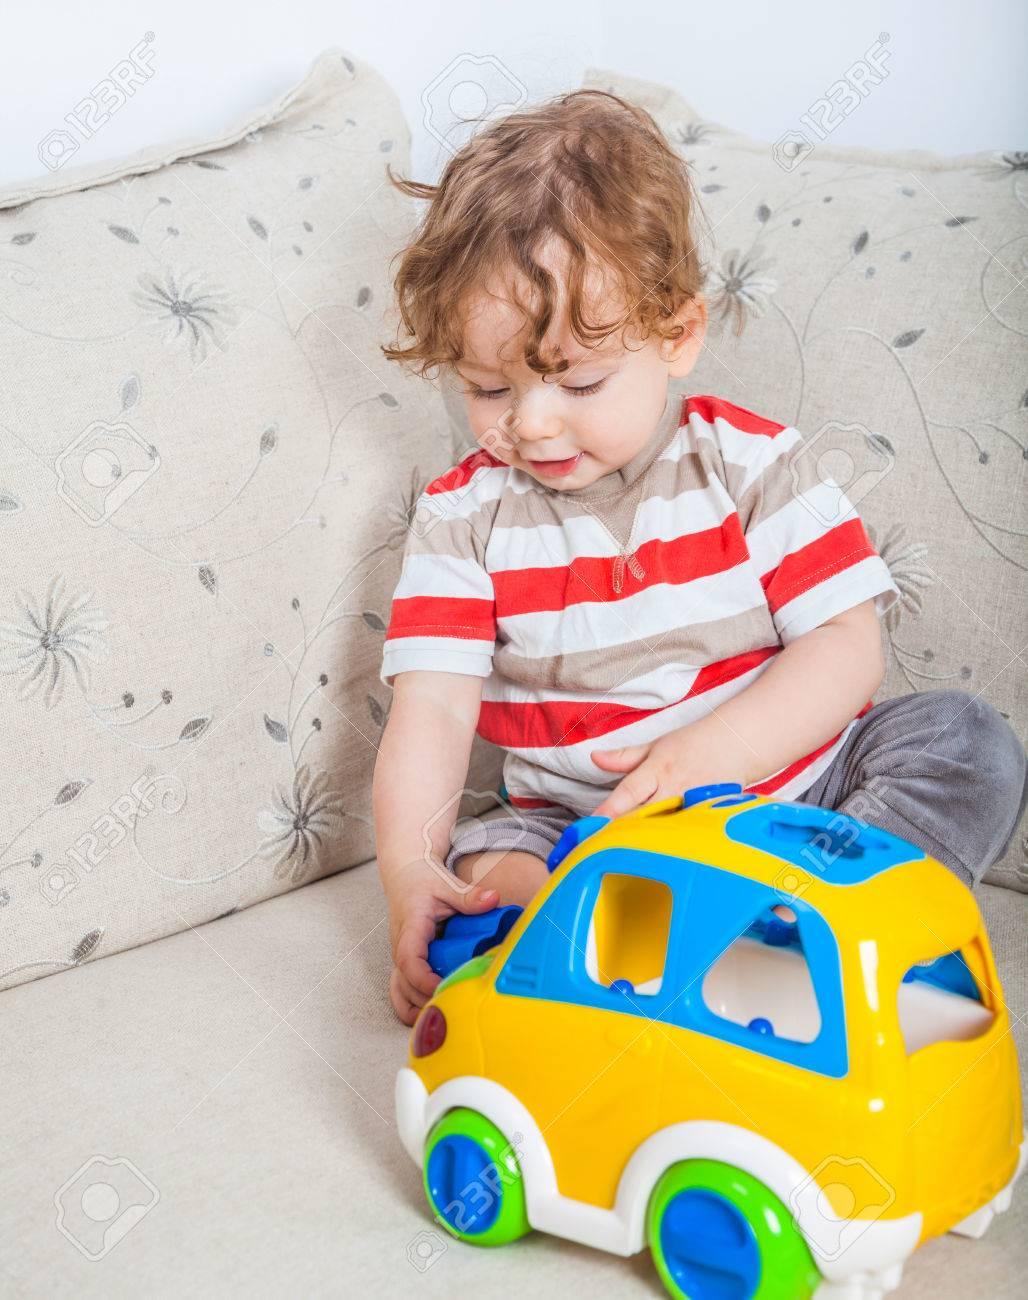 Gé De 11 Mois Jeu Portrait De Bébé Avec Une Voiture De Jouet. intérieur Jeux Voiture Bebe